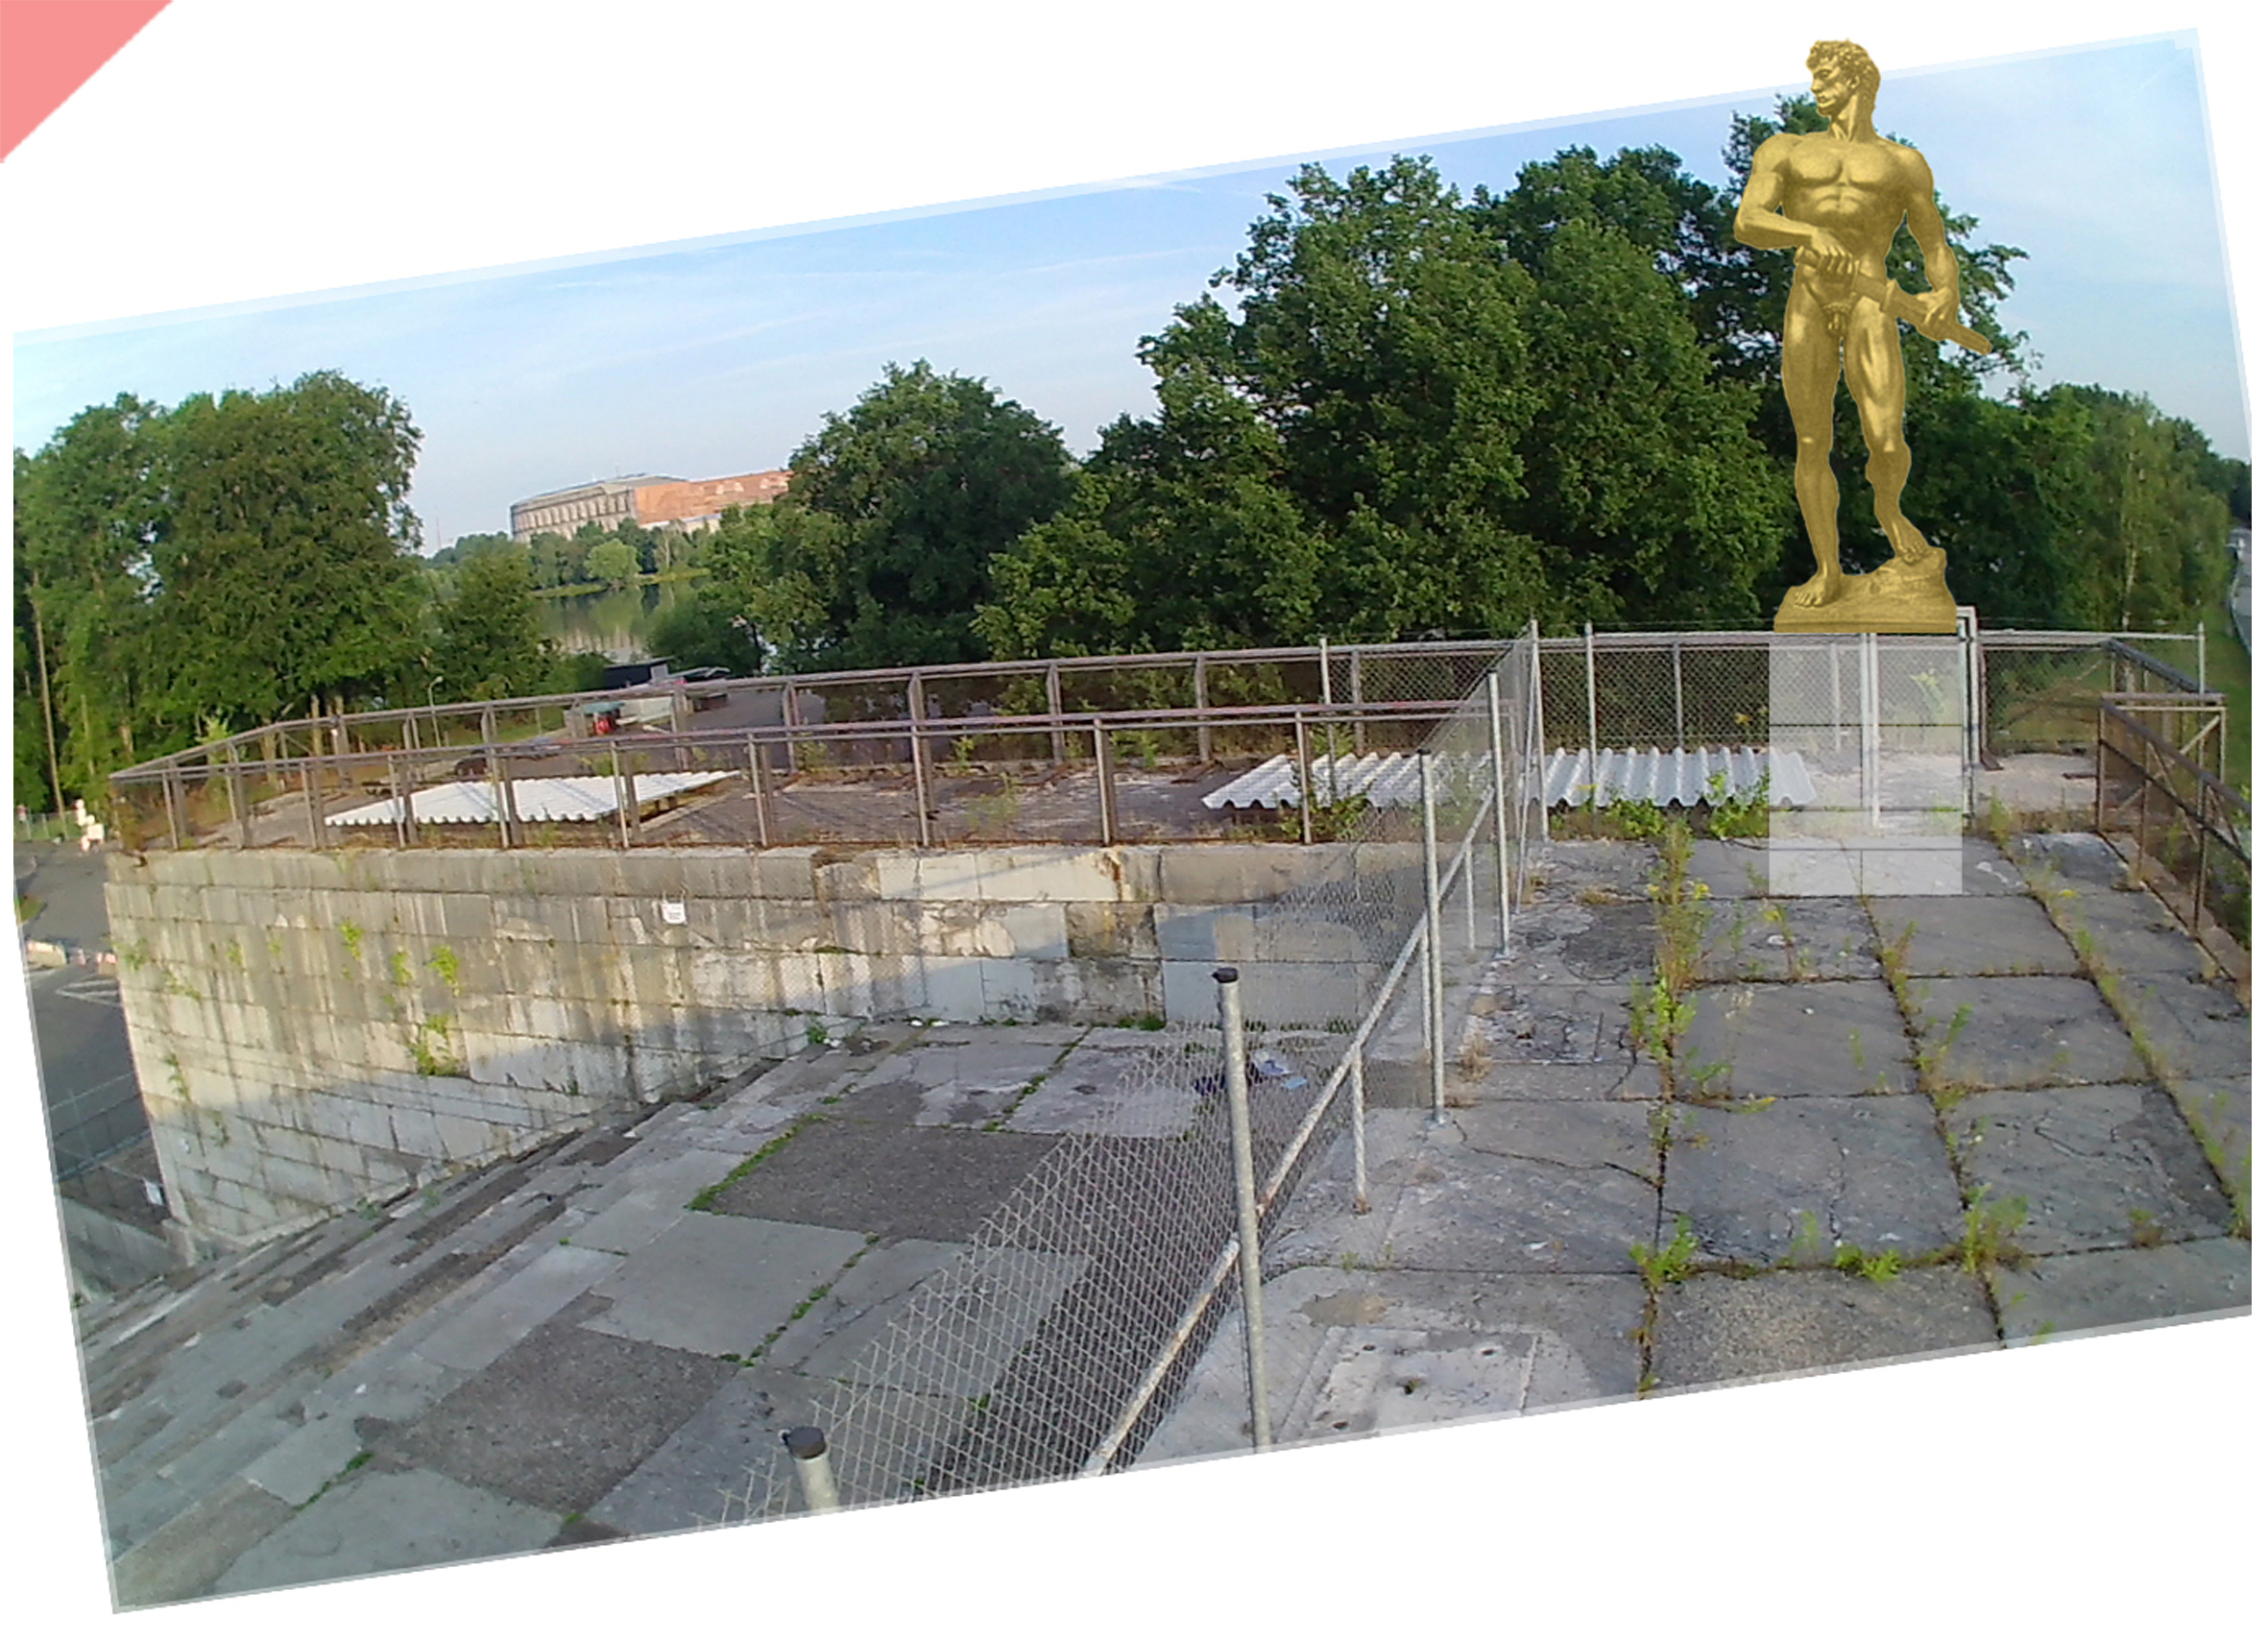 Zeppelin-field-grandstand-planned-figurine-Arno-Breker-1939-Readieness